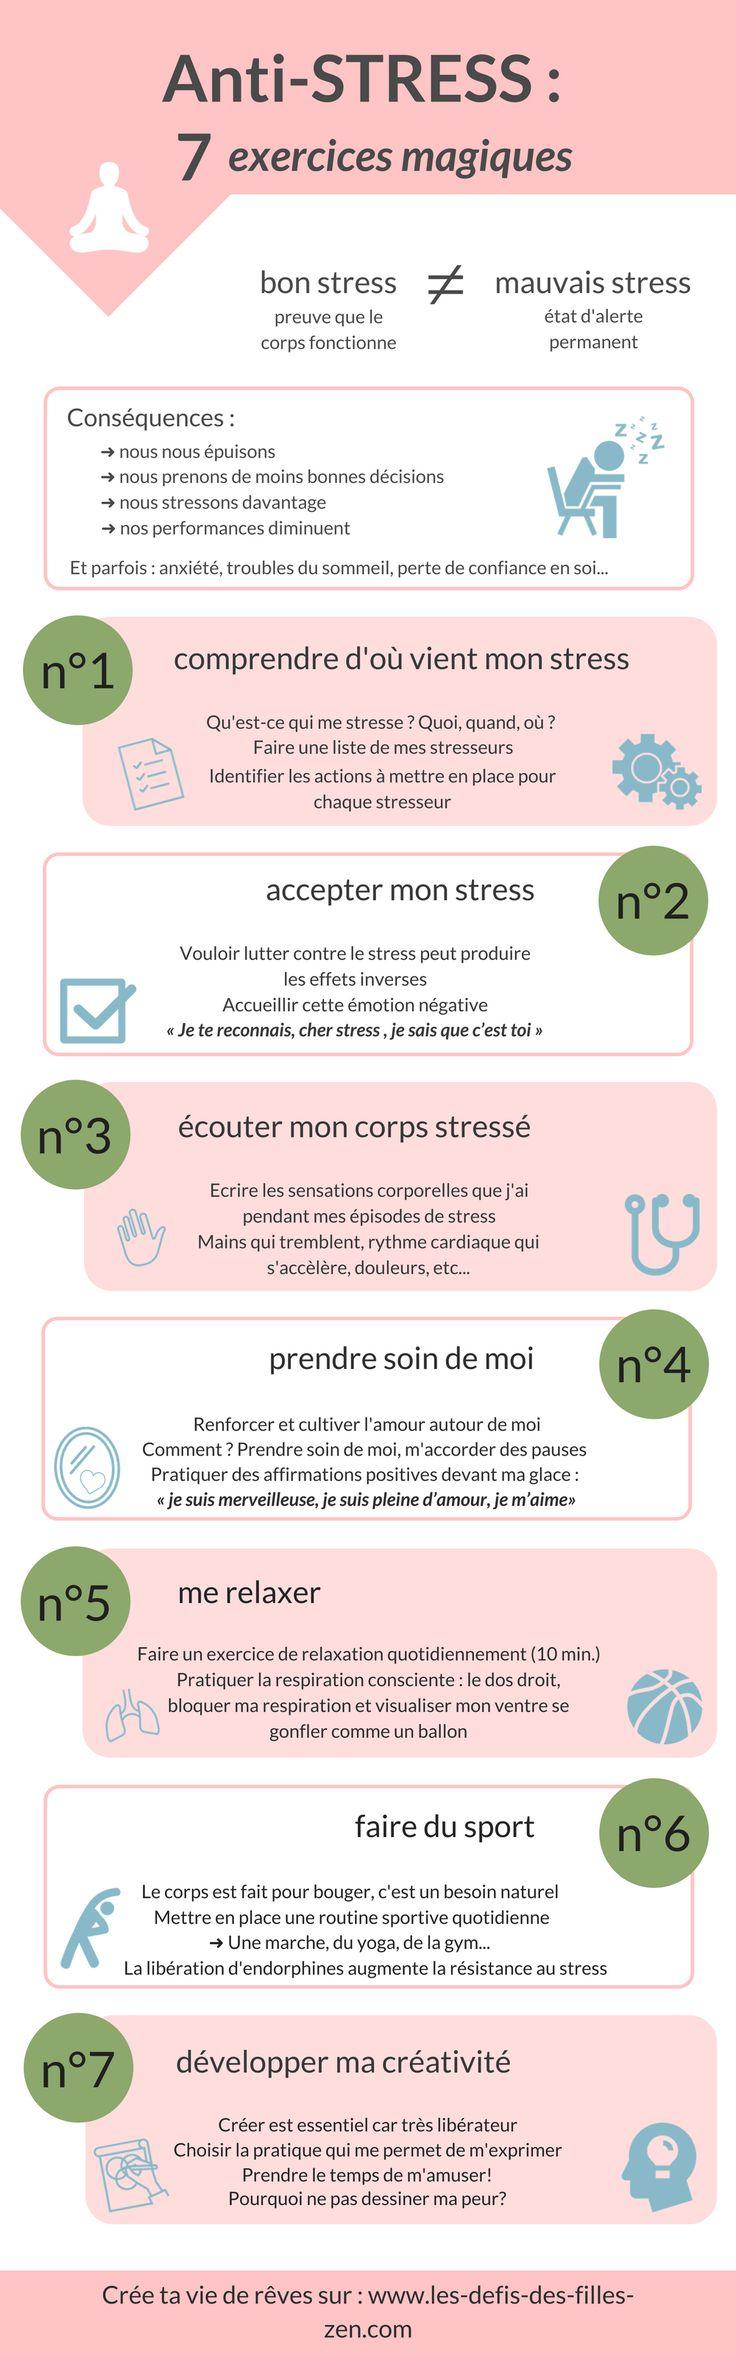 Infographie Anti-stress : mes 7 exercices magiques pour lutter contre le stress.